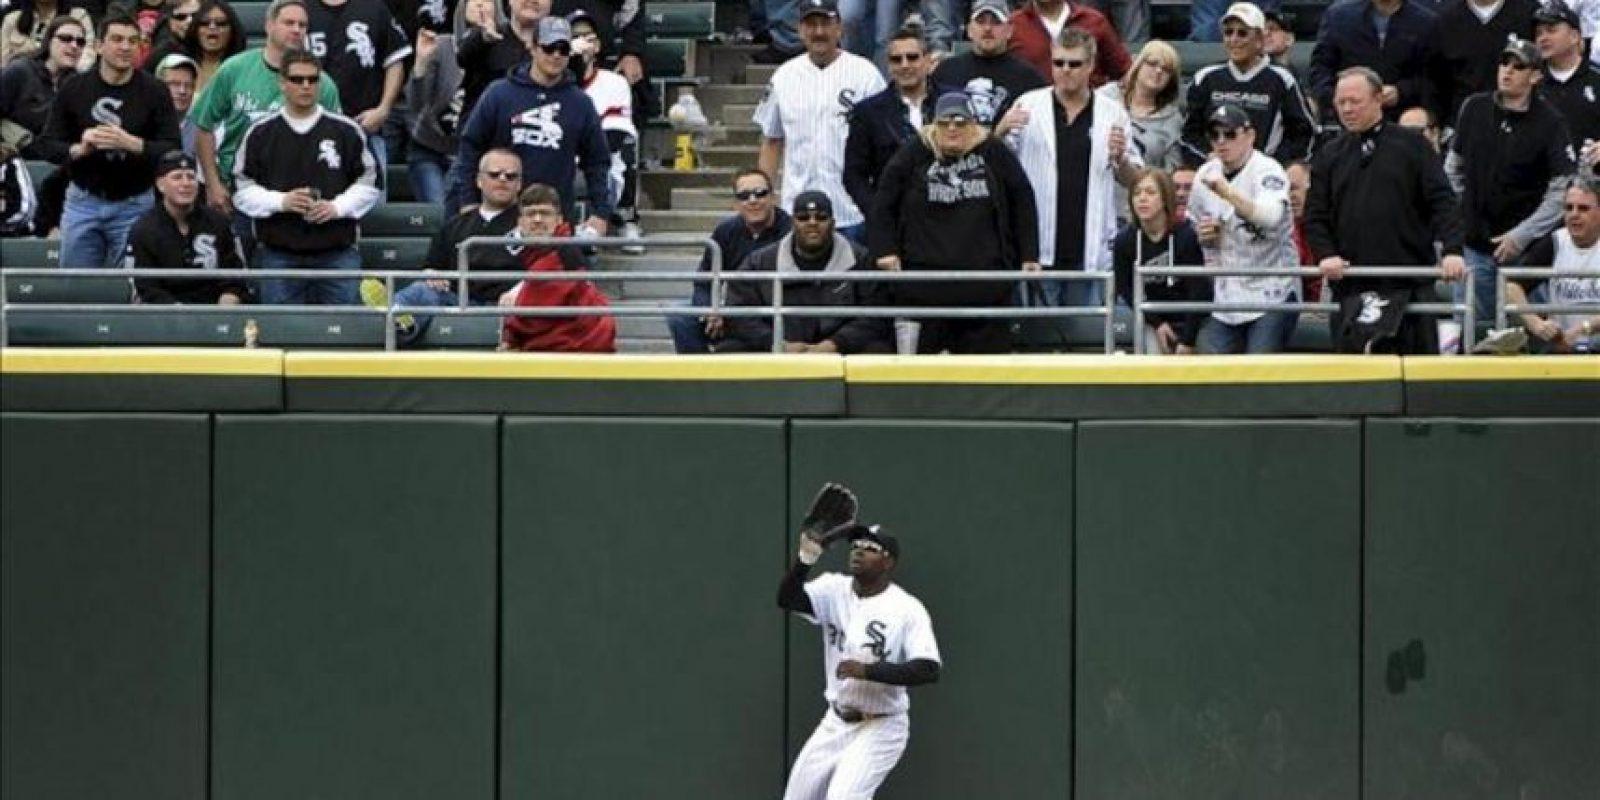 El jugador de los Medias Blancas, Alejandro De Aza, alcanza una bola durante el juego de la MLB. EFE/Archivo